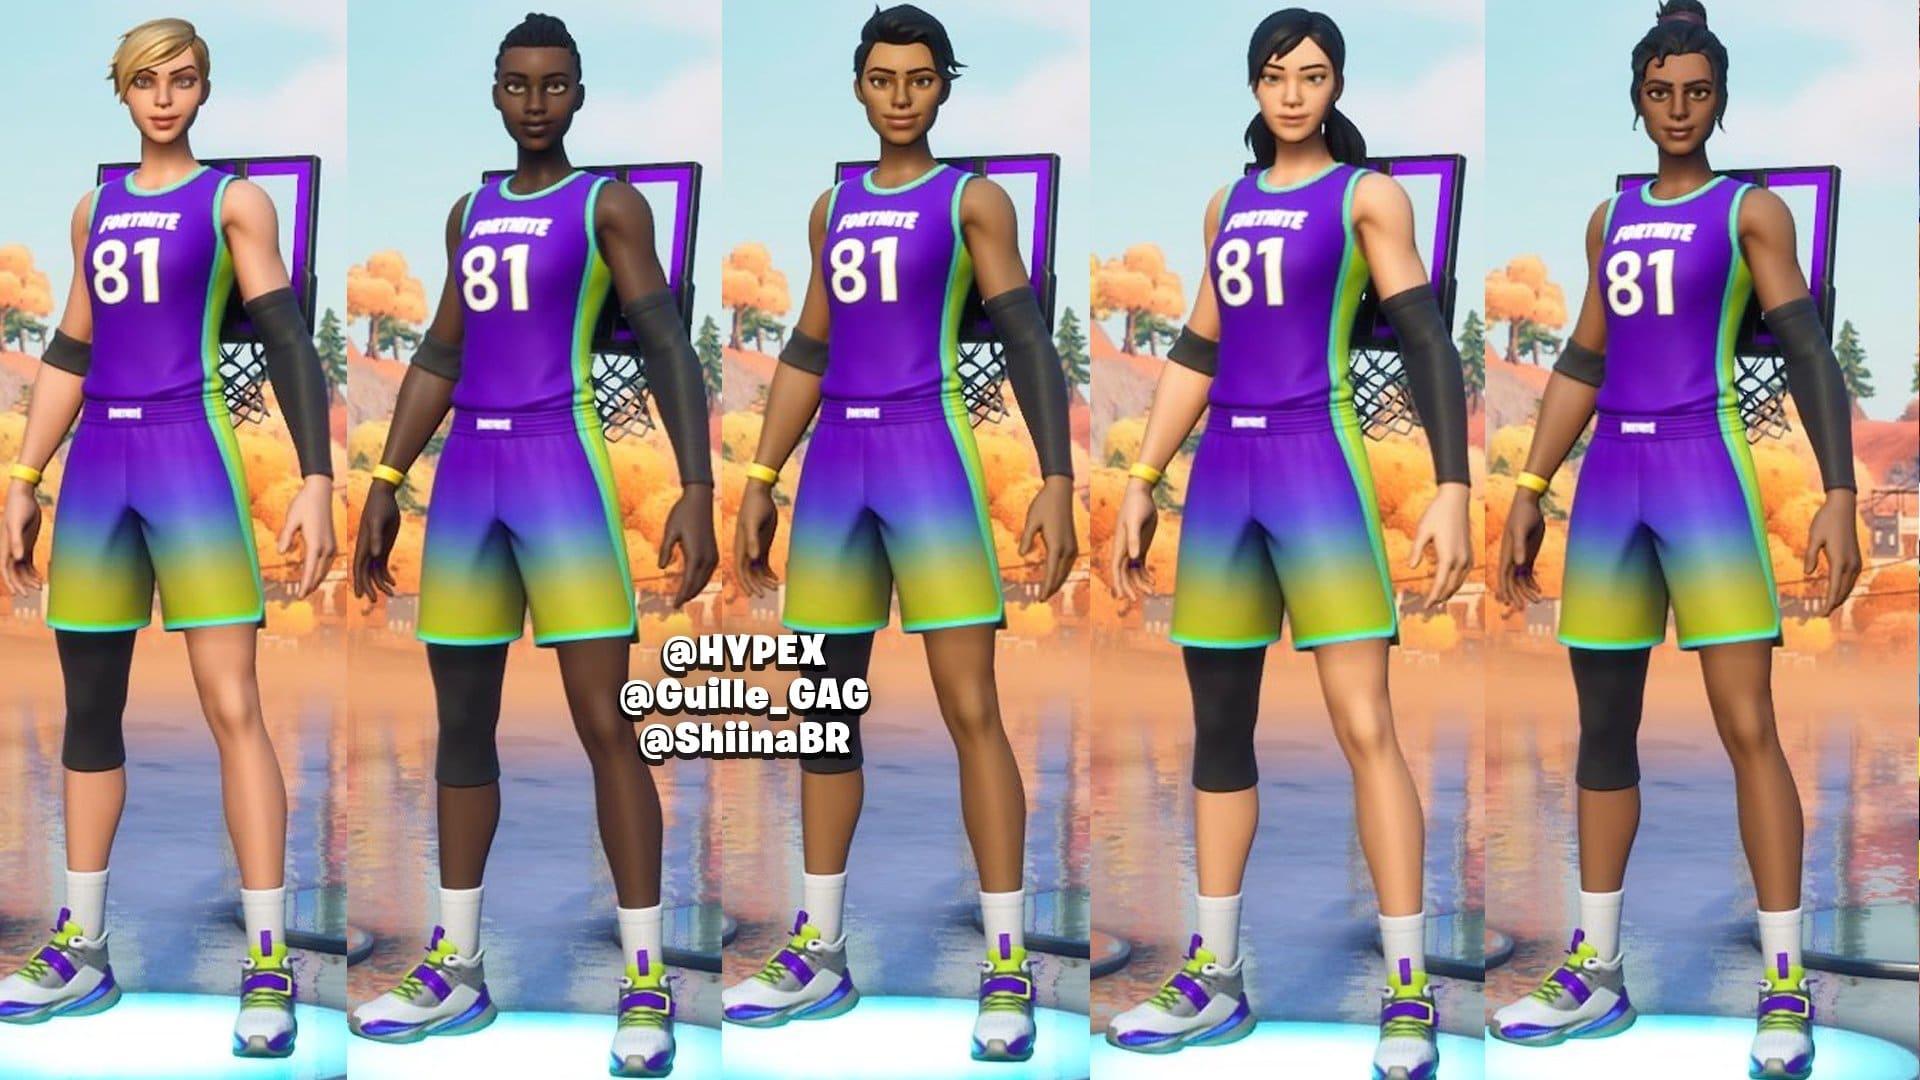 скинов баскетбольного ивента НБА в фортнайт 2 - Сливы скинов баскетбольного ивента НБА в фортнайт